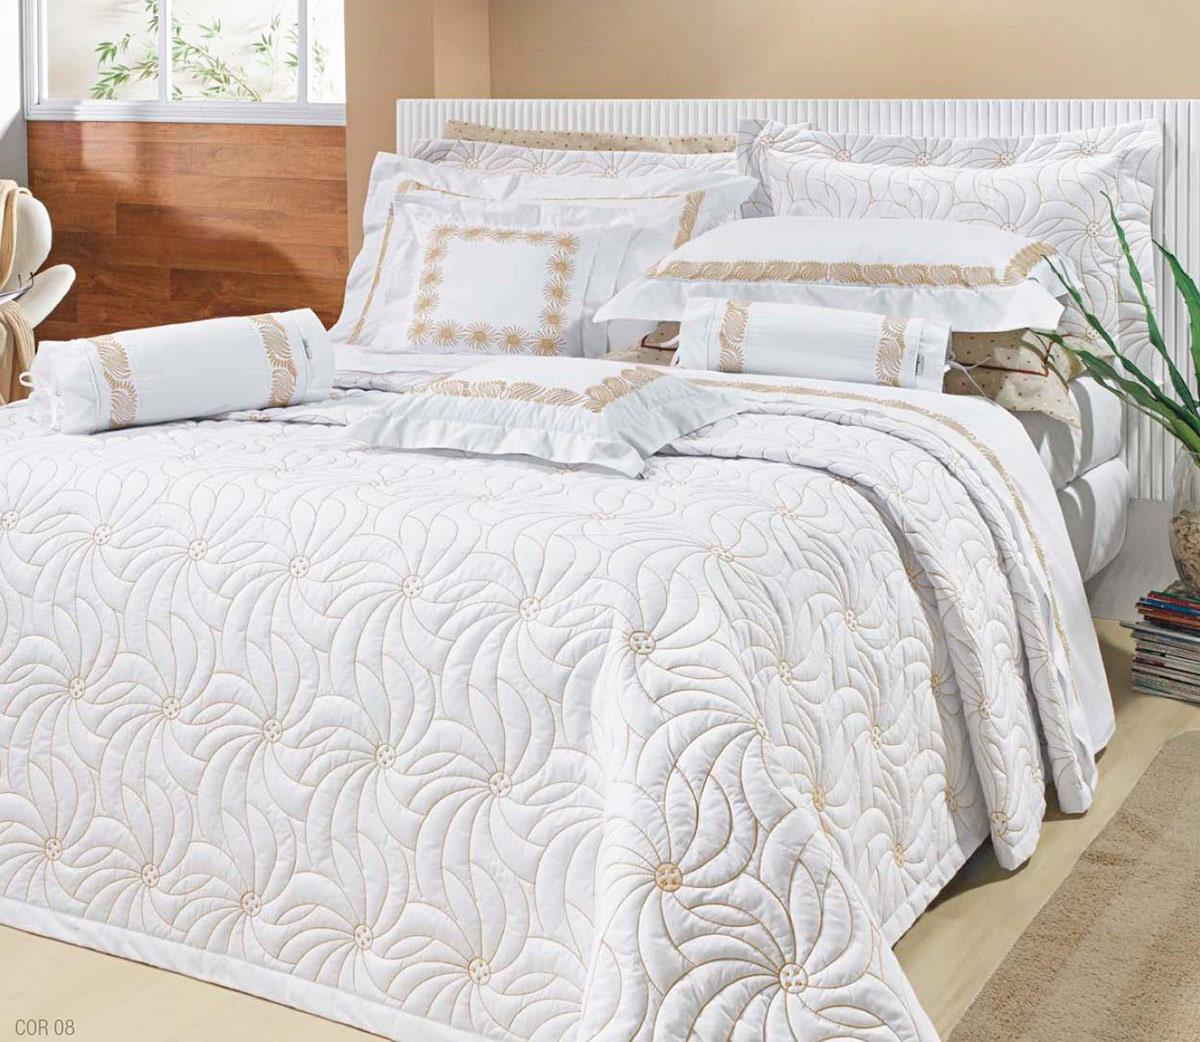 Colcha cobre leito cama queen branco com palha percal for Ancho cama king size